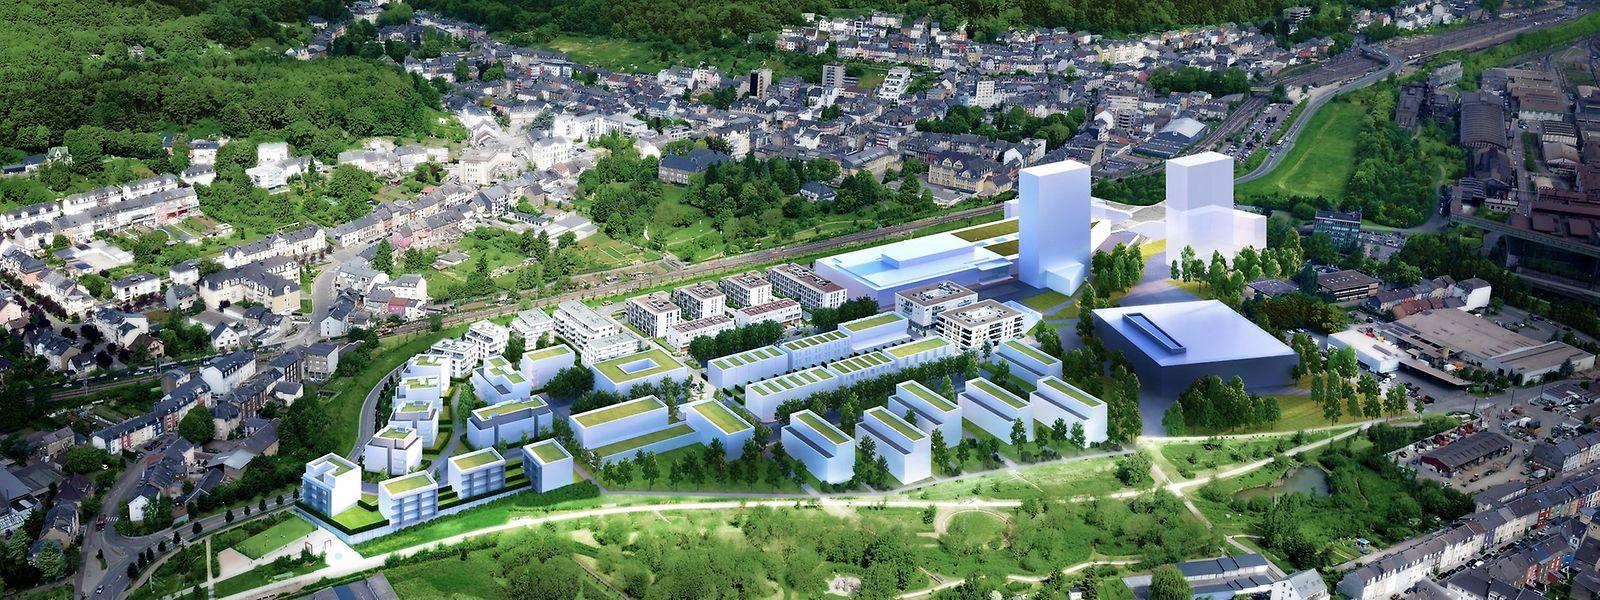 Le futur Centre commercial se trouve en haut à droite. Derrière la tour de gauche, on distingue la toiture végétale (en partie cachée) du mall avec ses puits de lumière centraux et à gauche le grand bâtiment blanc qui abritera l'hypermarché Auchan.